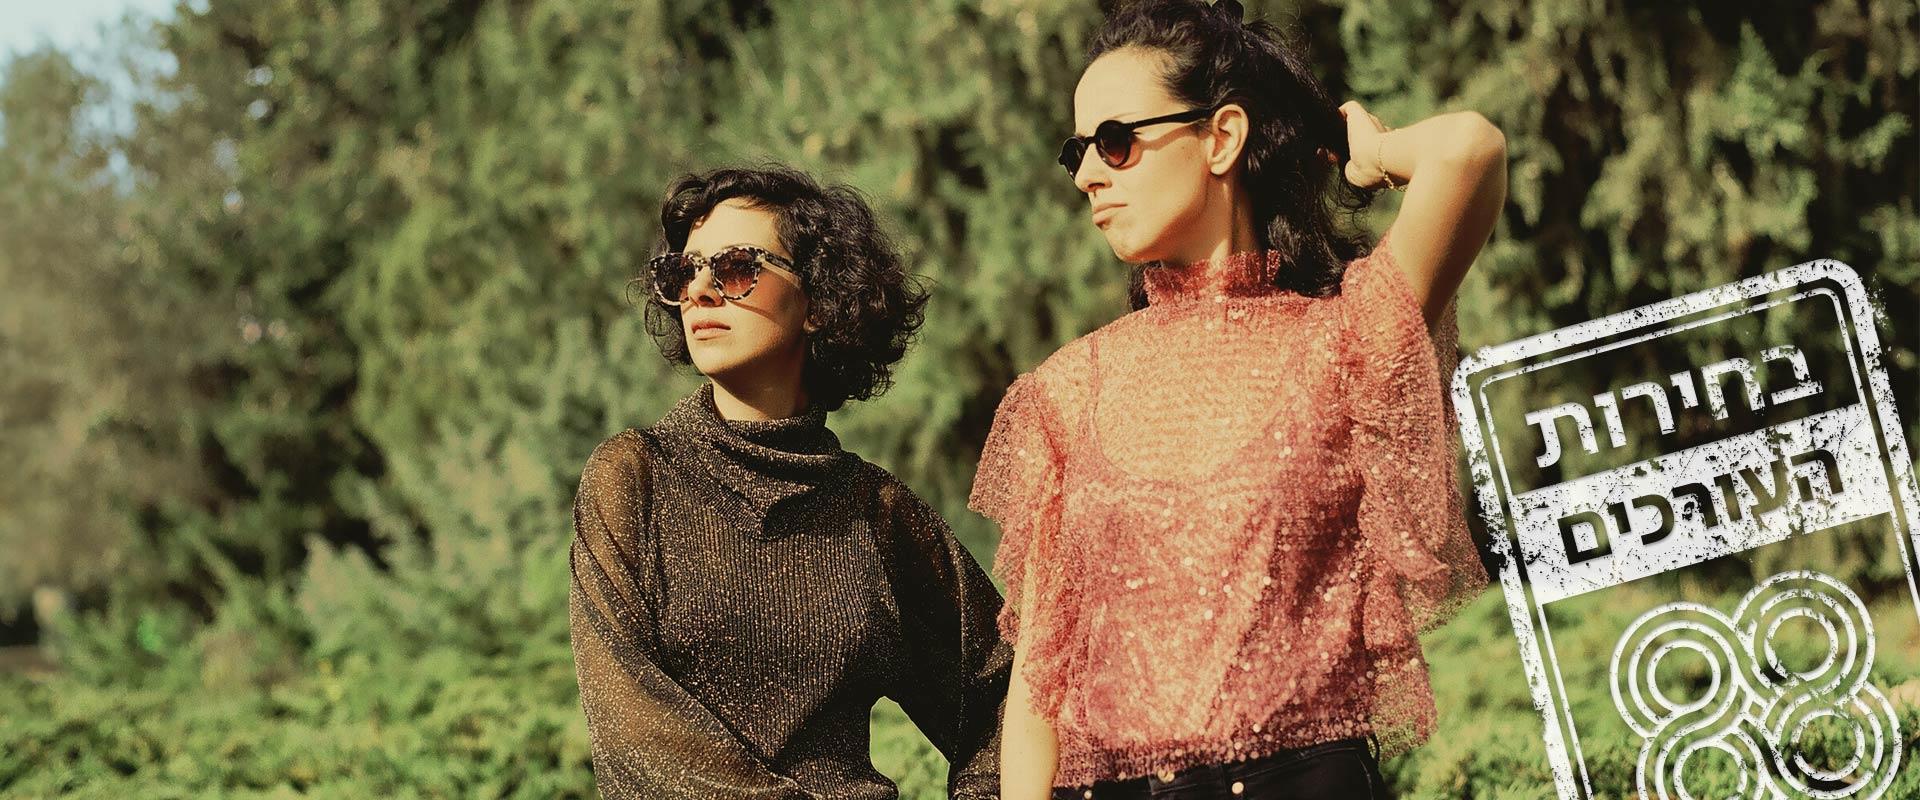 האחיות ג'משיד